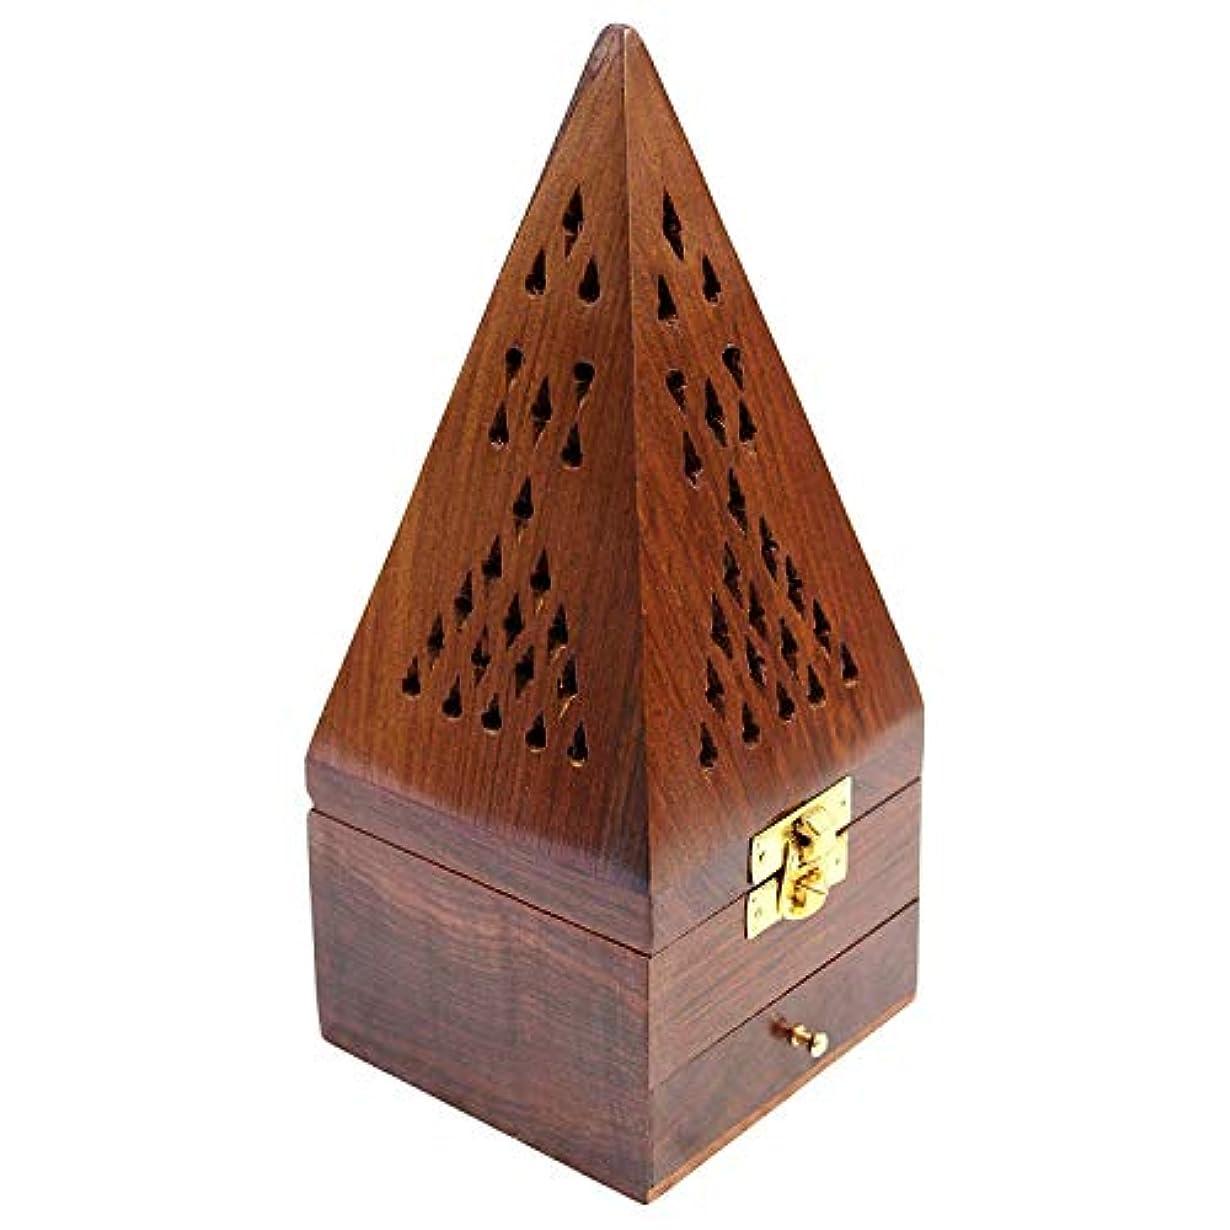 ベジタリアン条件付きファイナンスCraftatoz Wooden Handicrafts Handmade Wooden Incense Sticks Holder Wooden Pyramid Incense Box Fragrance Stand Holder